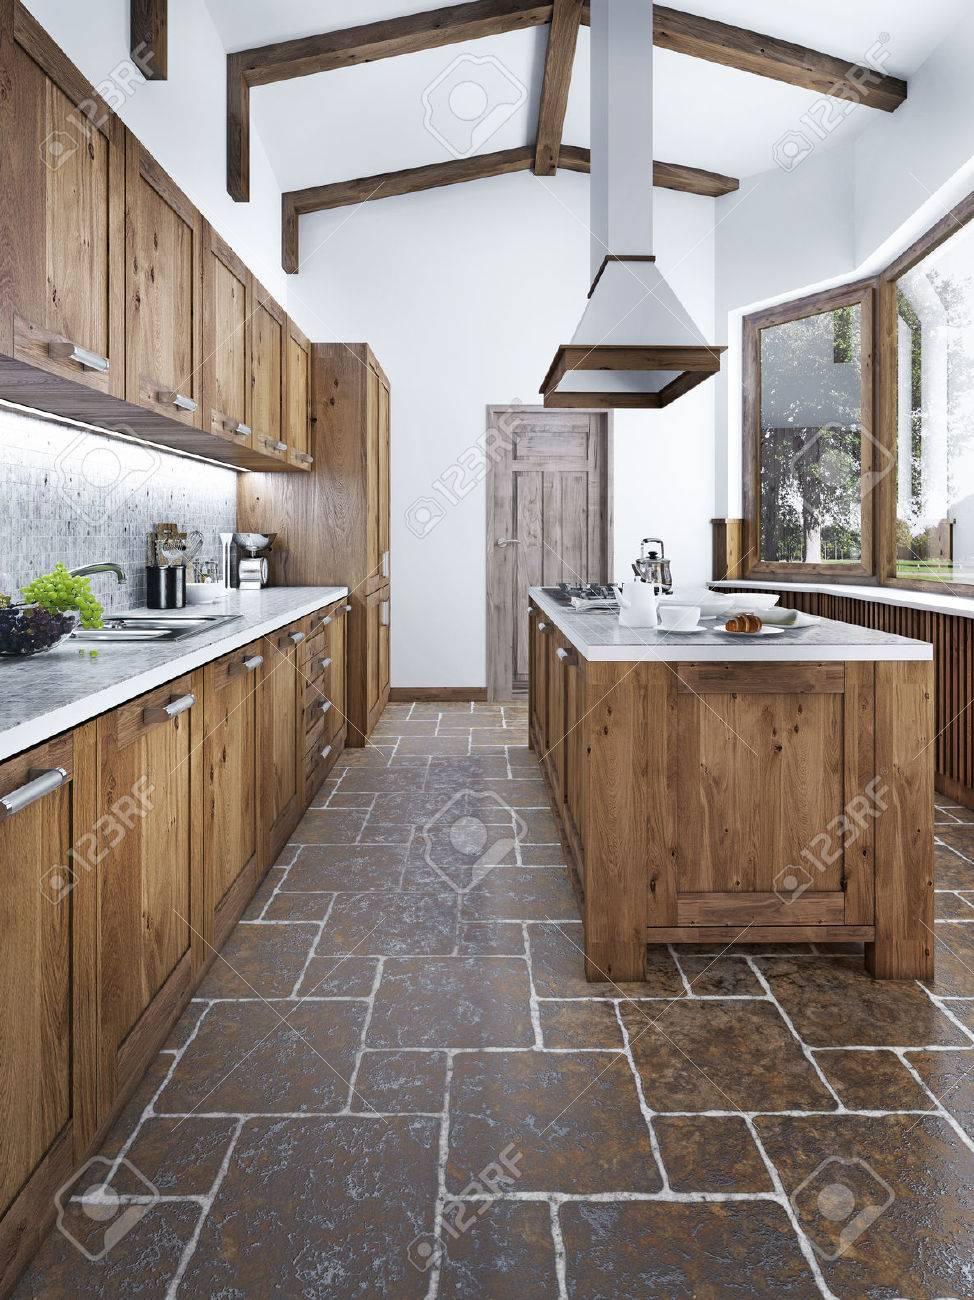 Moderne Kuche Im Loft Stil Kucheninsel Mit Einer Kapuze Uber Sie